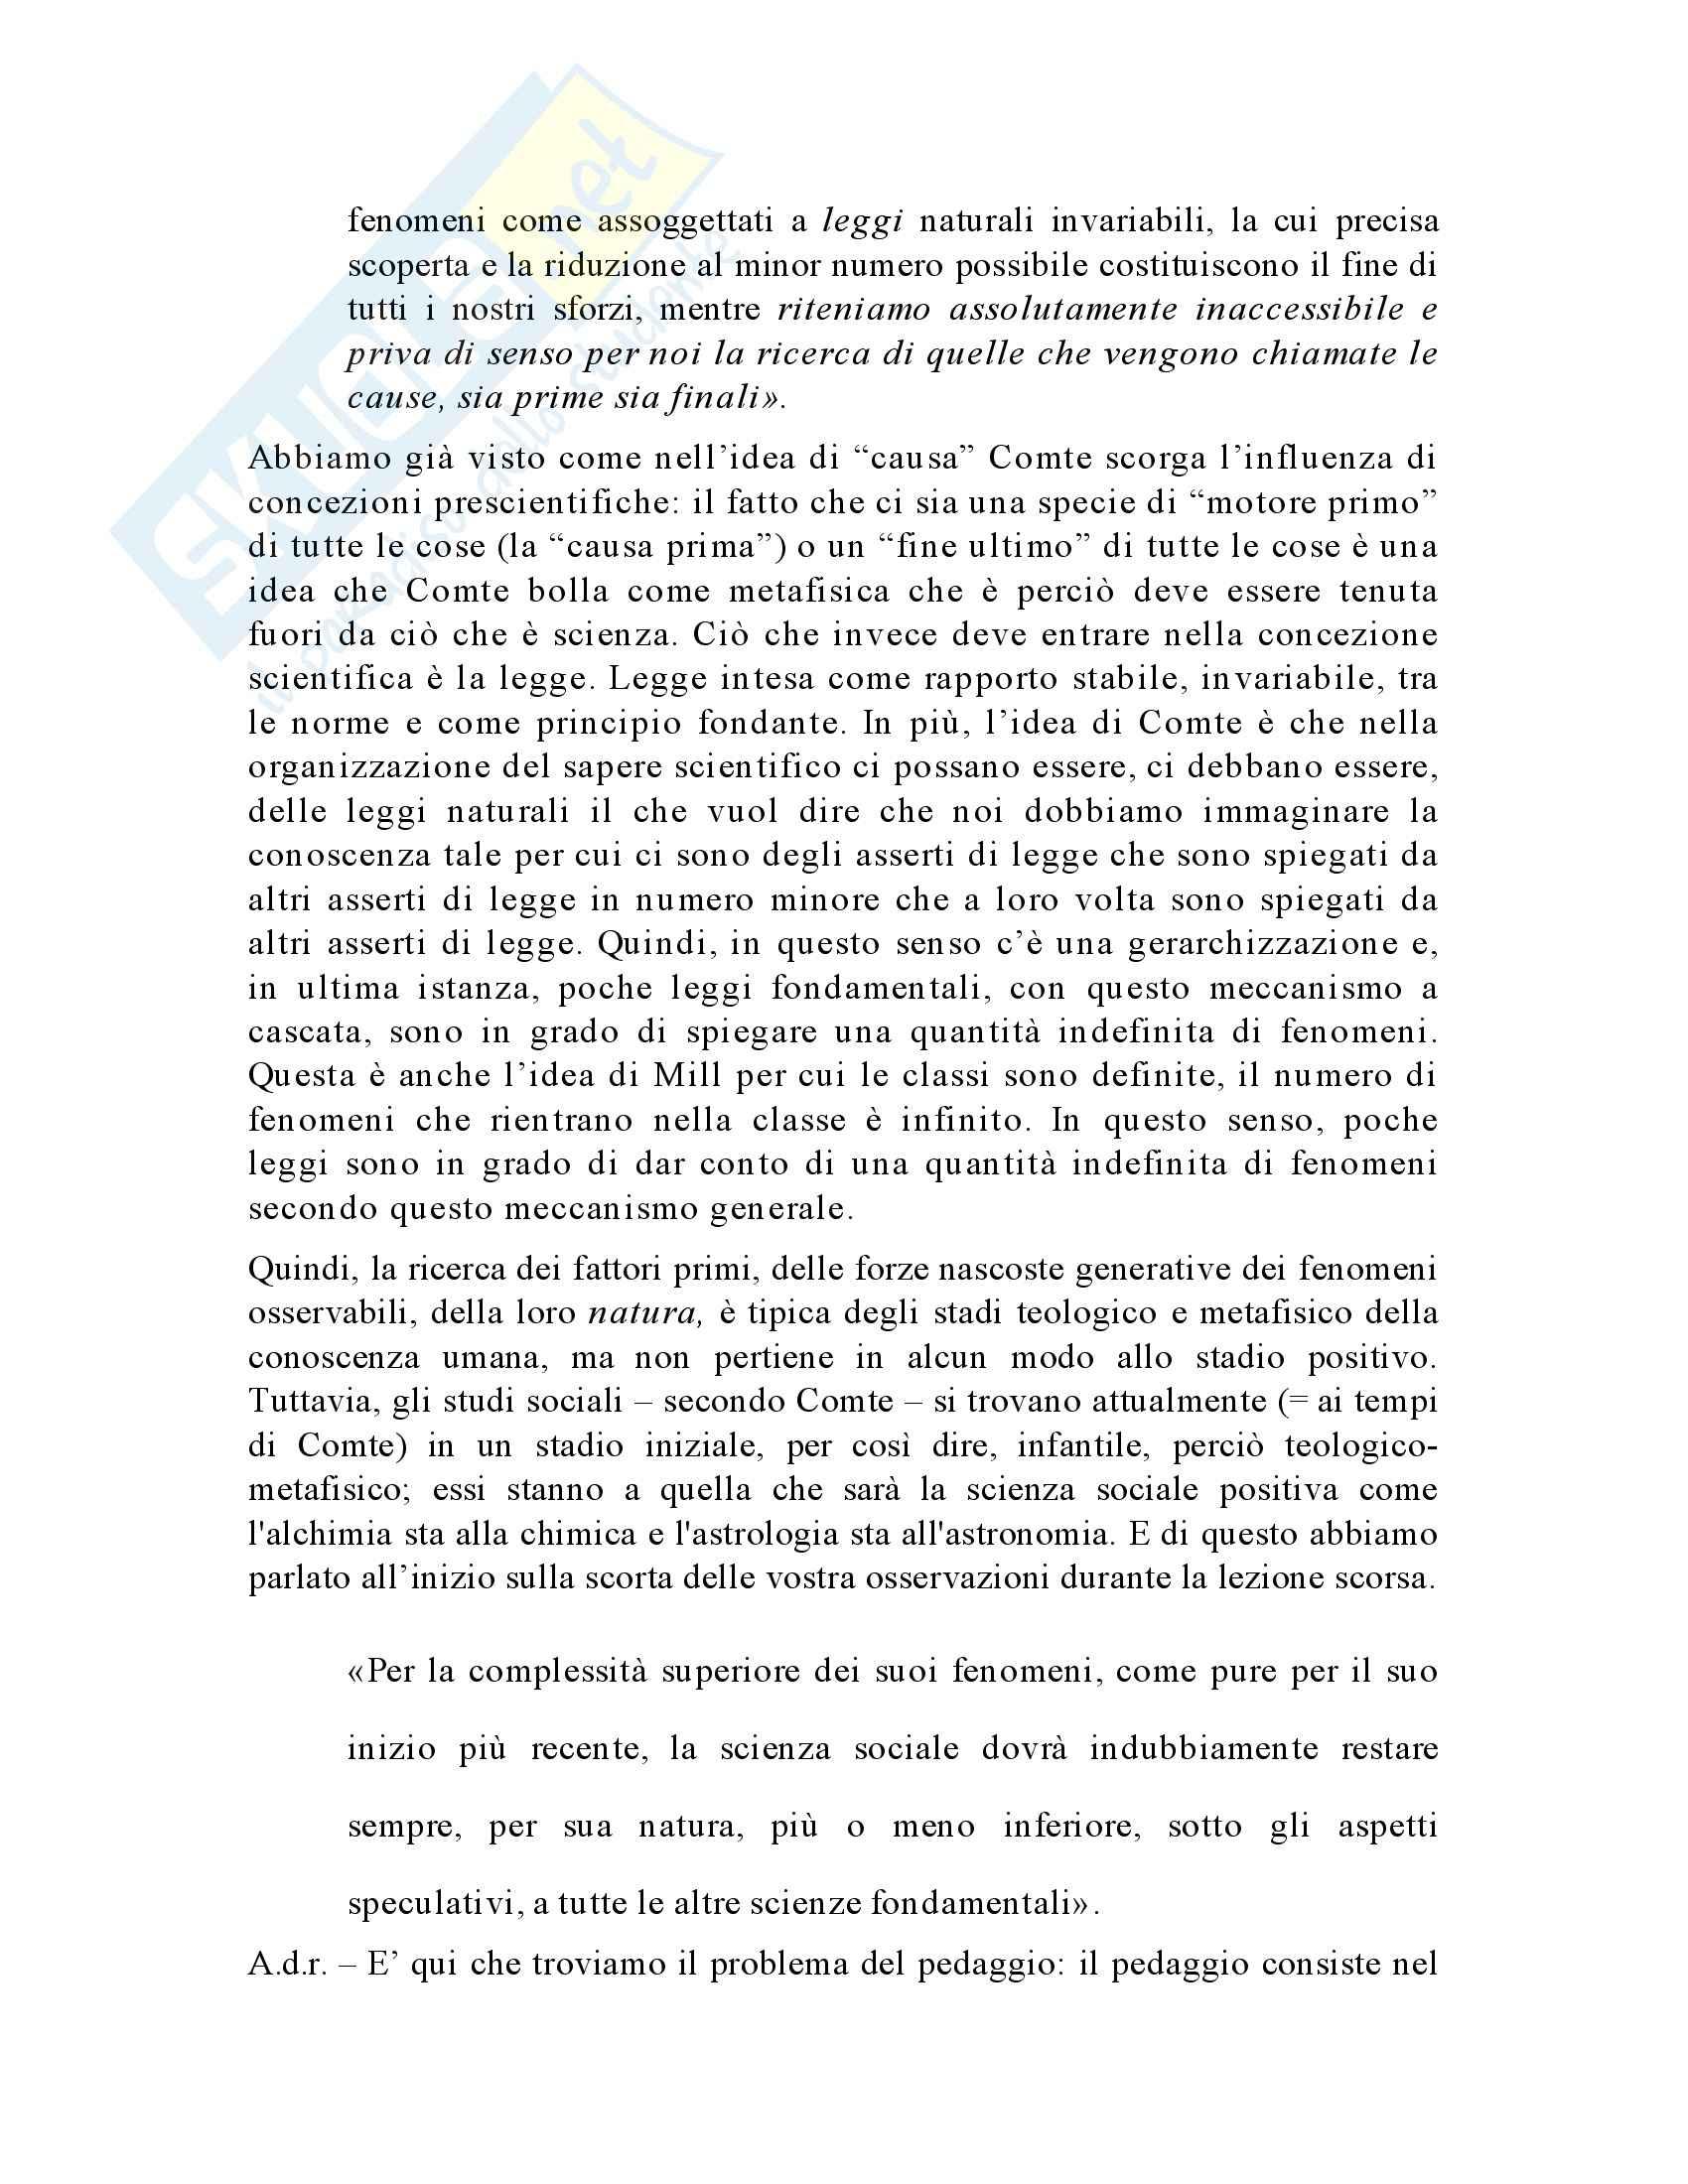 Metodologia delle scienze sociali - Appunti Pag. 61